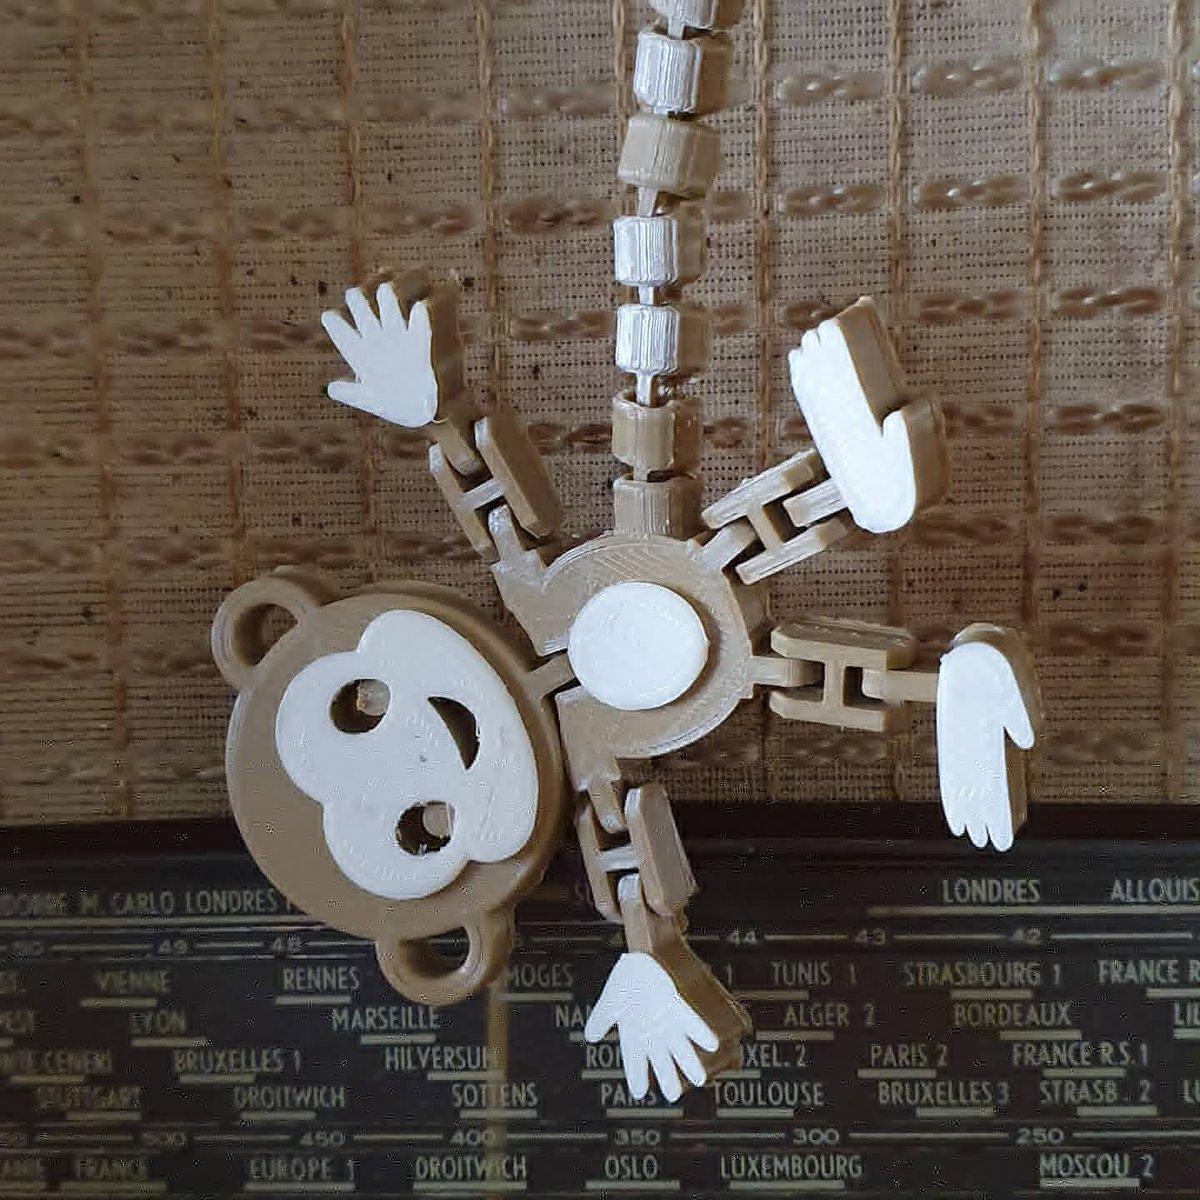 J'ai un nouvel animal de compagnie  Imprimé pour ma fille  Créé par #fixumdude sur @cults3d  Très jolie création, j'ai eu un coup de foudre  #singe #articulé #animauxmignons #animaux #animauxsauvage #animauxdecompagnie #decoratif #decoration #3dprinting #printing #art #art3dpic.twitter.com/b8Dv7zPVhW